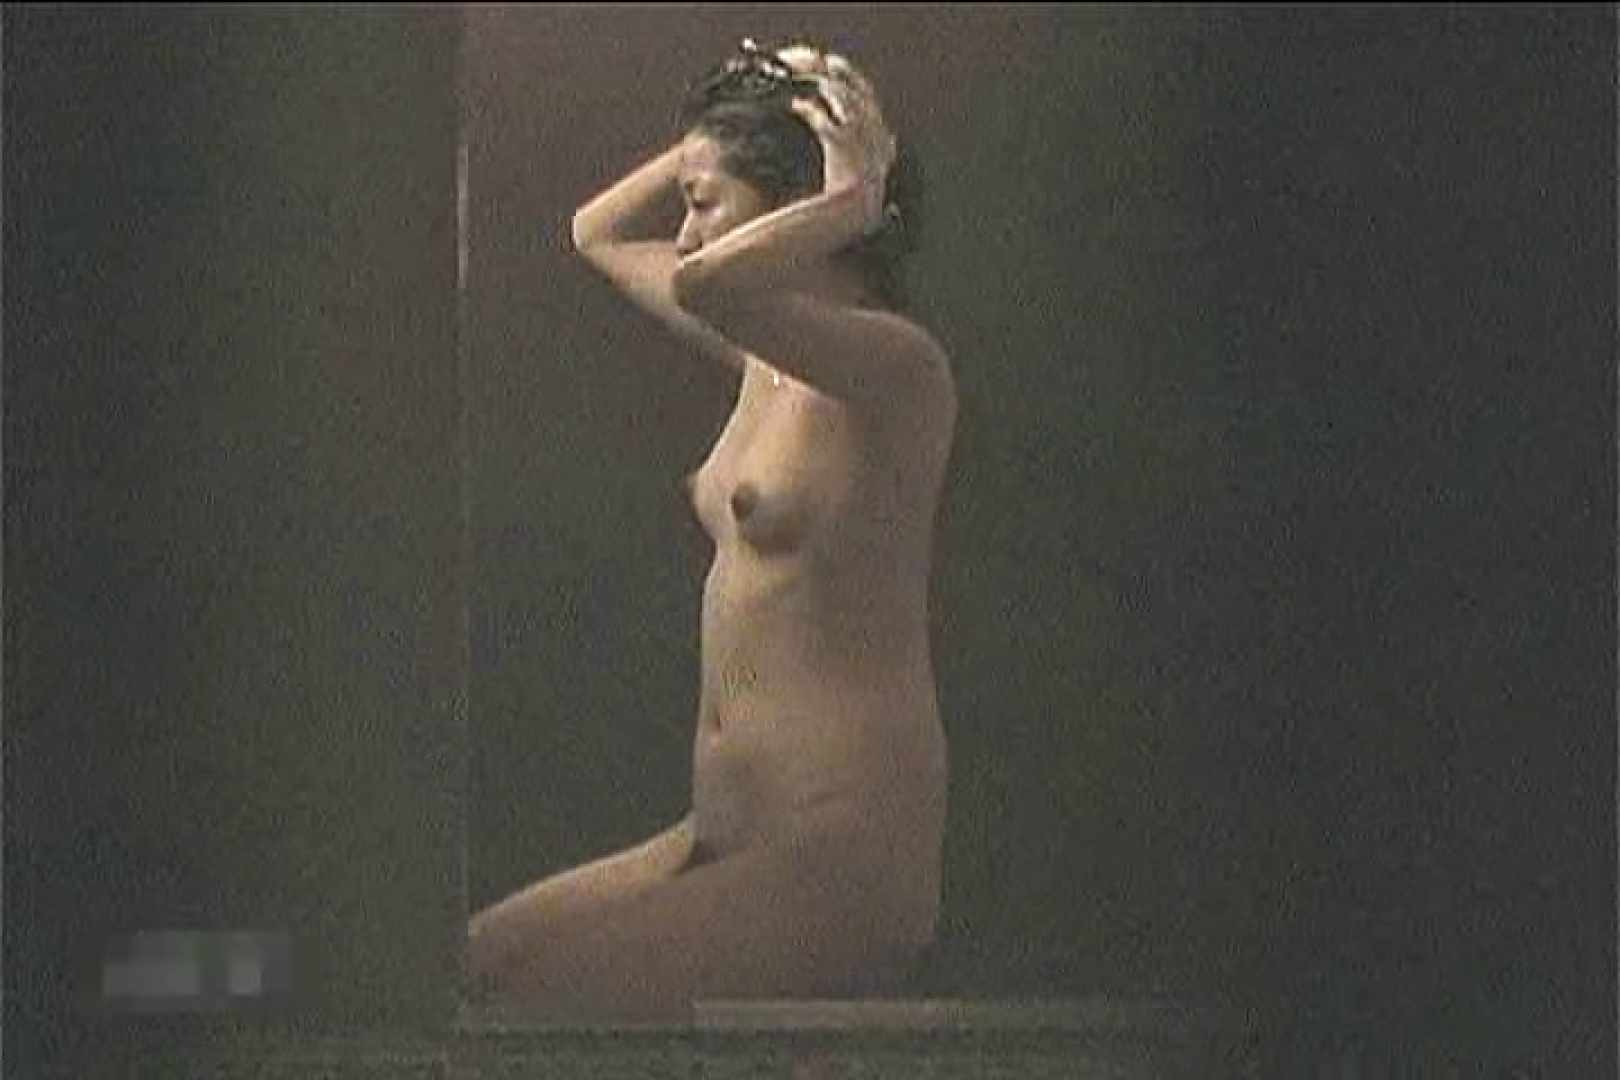 全裸で発情!!家族風呂の実態Vol.3 すけべな素人 ヌード画像 95画像 38